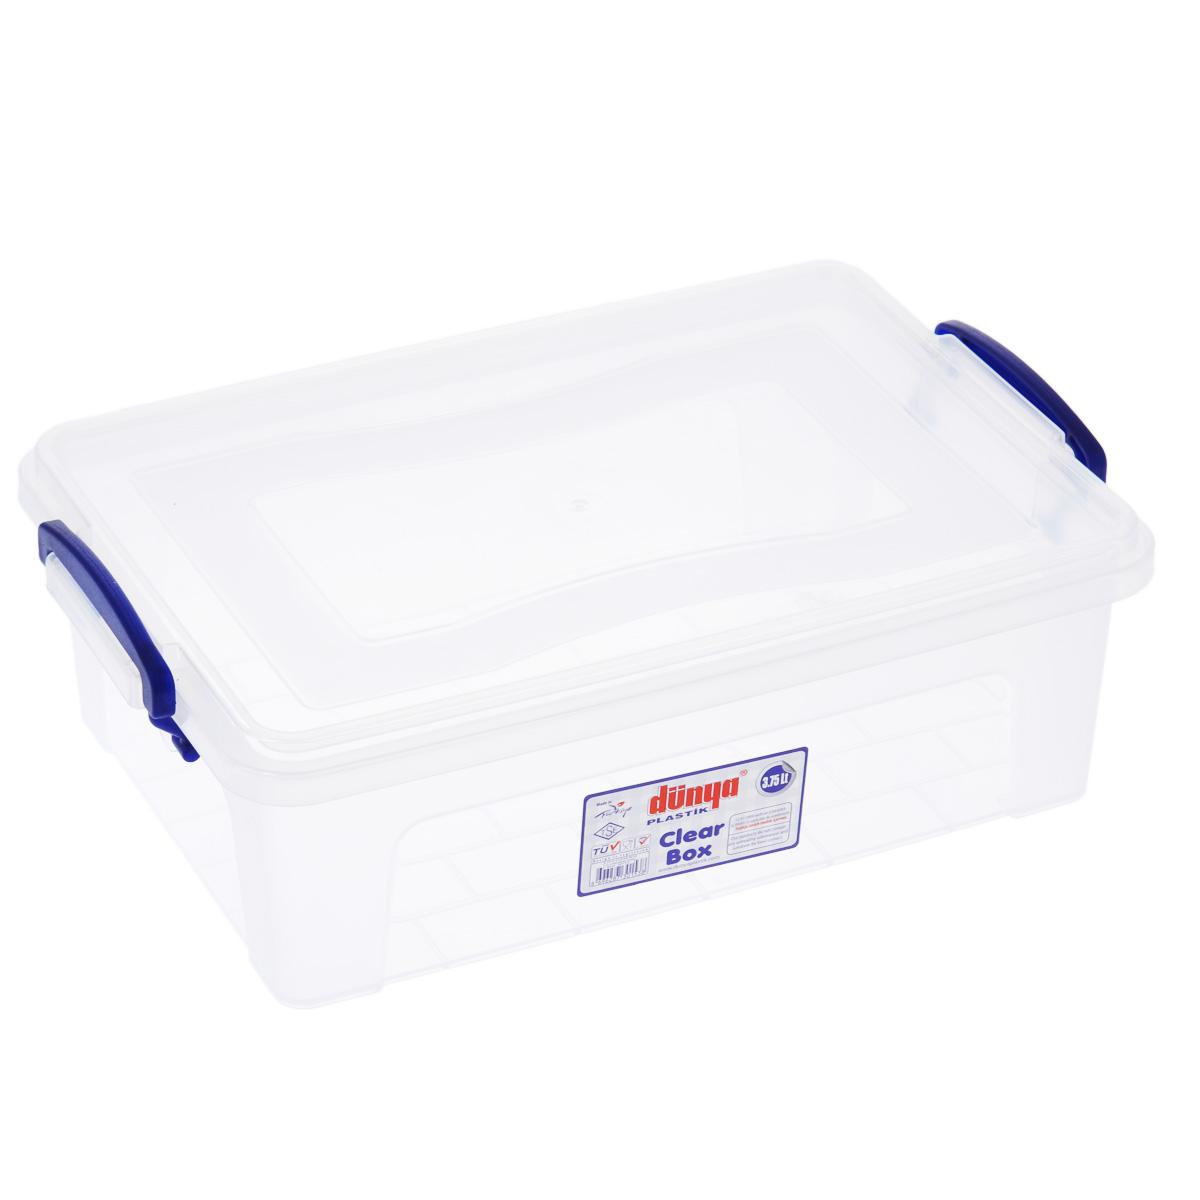 Контейнер Dunya Plastik Clear Box, цвет: прозрачный, 3,75 л30153Контейнер Dunya Plastik Clear Box выполнен из прочного пластика. Он предназначен для хранения различных мелких вещей. Крышка легко открывается и плотно закрывается. Прозрачные стенки позволяют видеть содержимое. По бокам предусмотрены две удобные ручки темно-синего цвета, с помощью которых контейнер закрывается. Контейнер поможет хранить все в одном месте, а также защитить вещи от пыли, грязи и влаги.